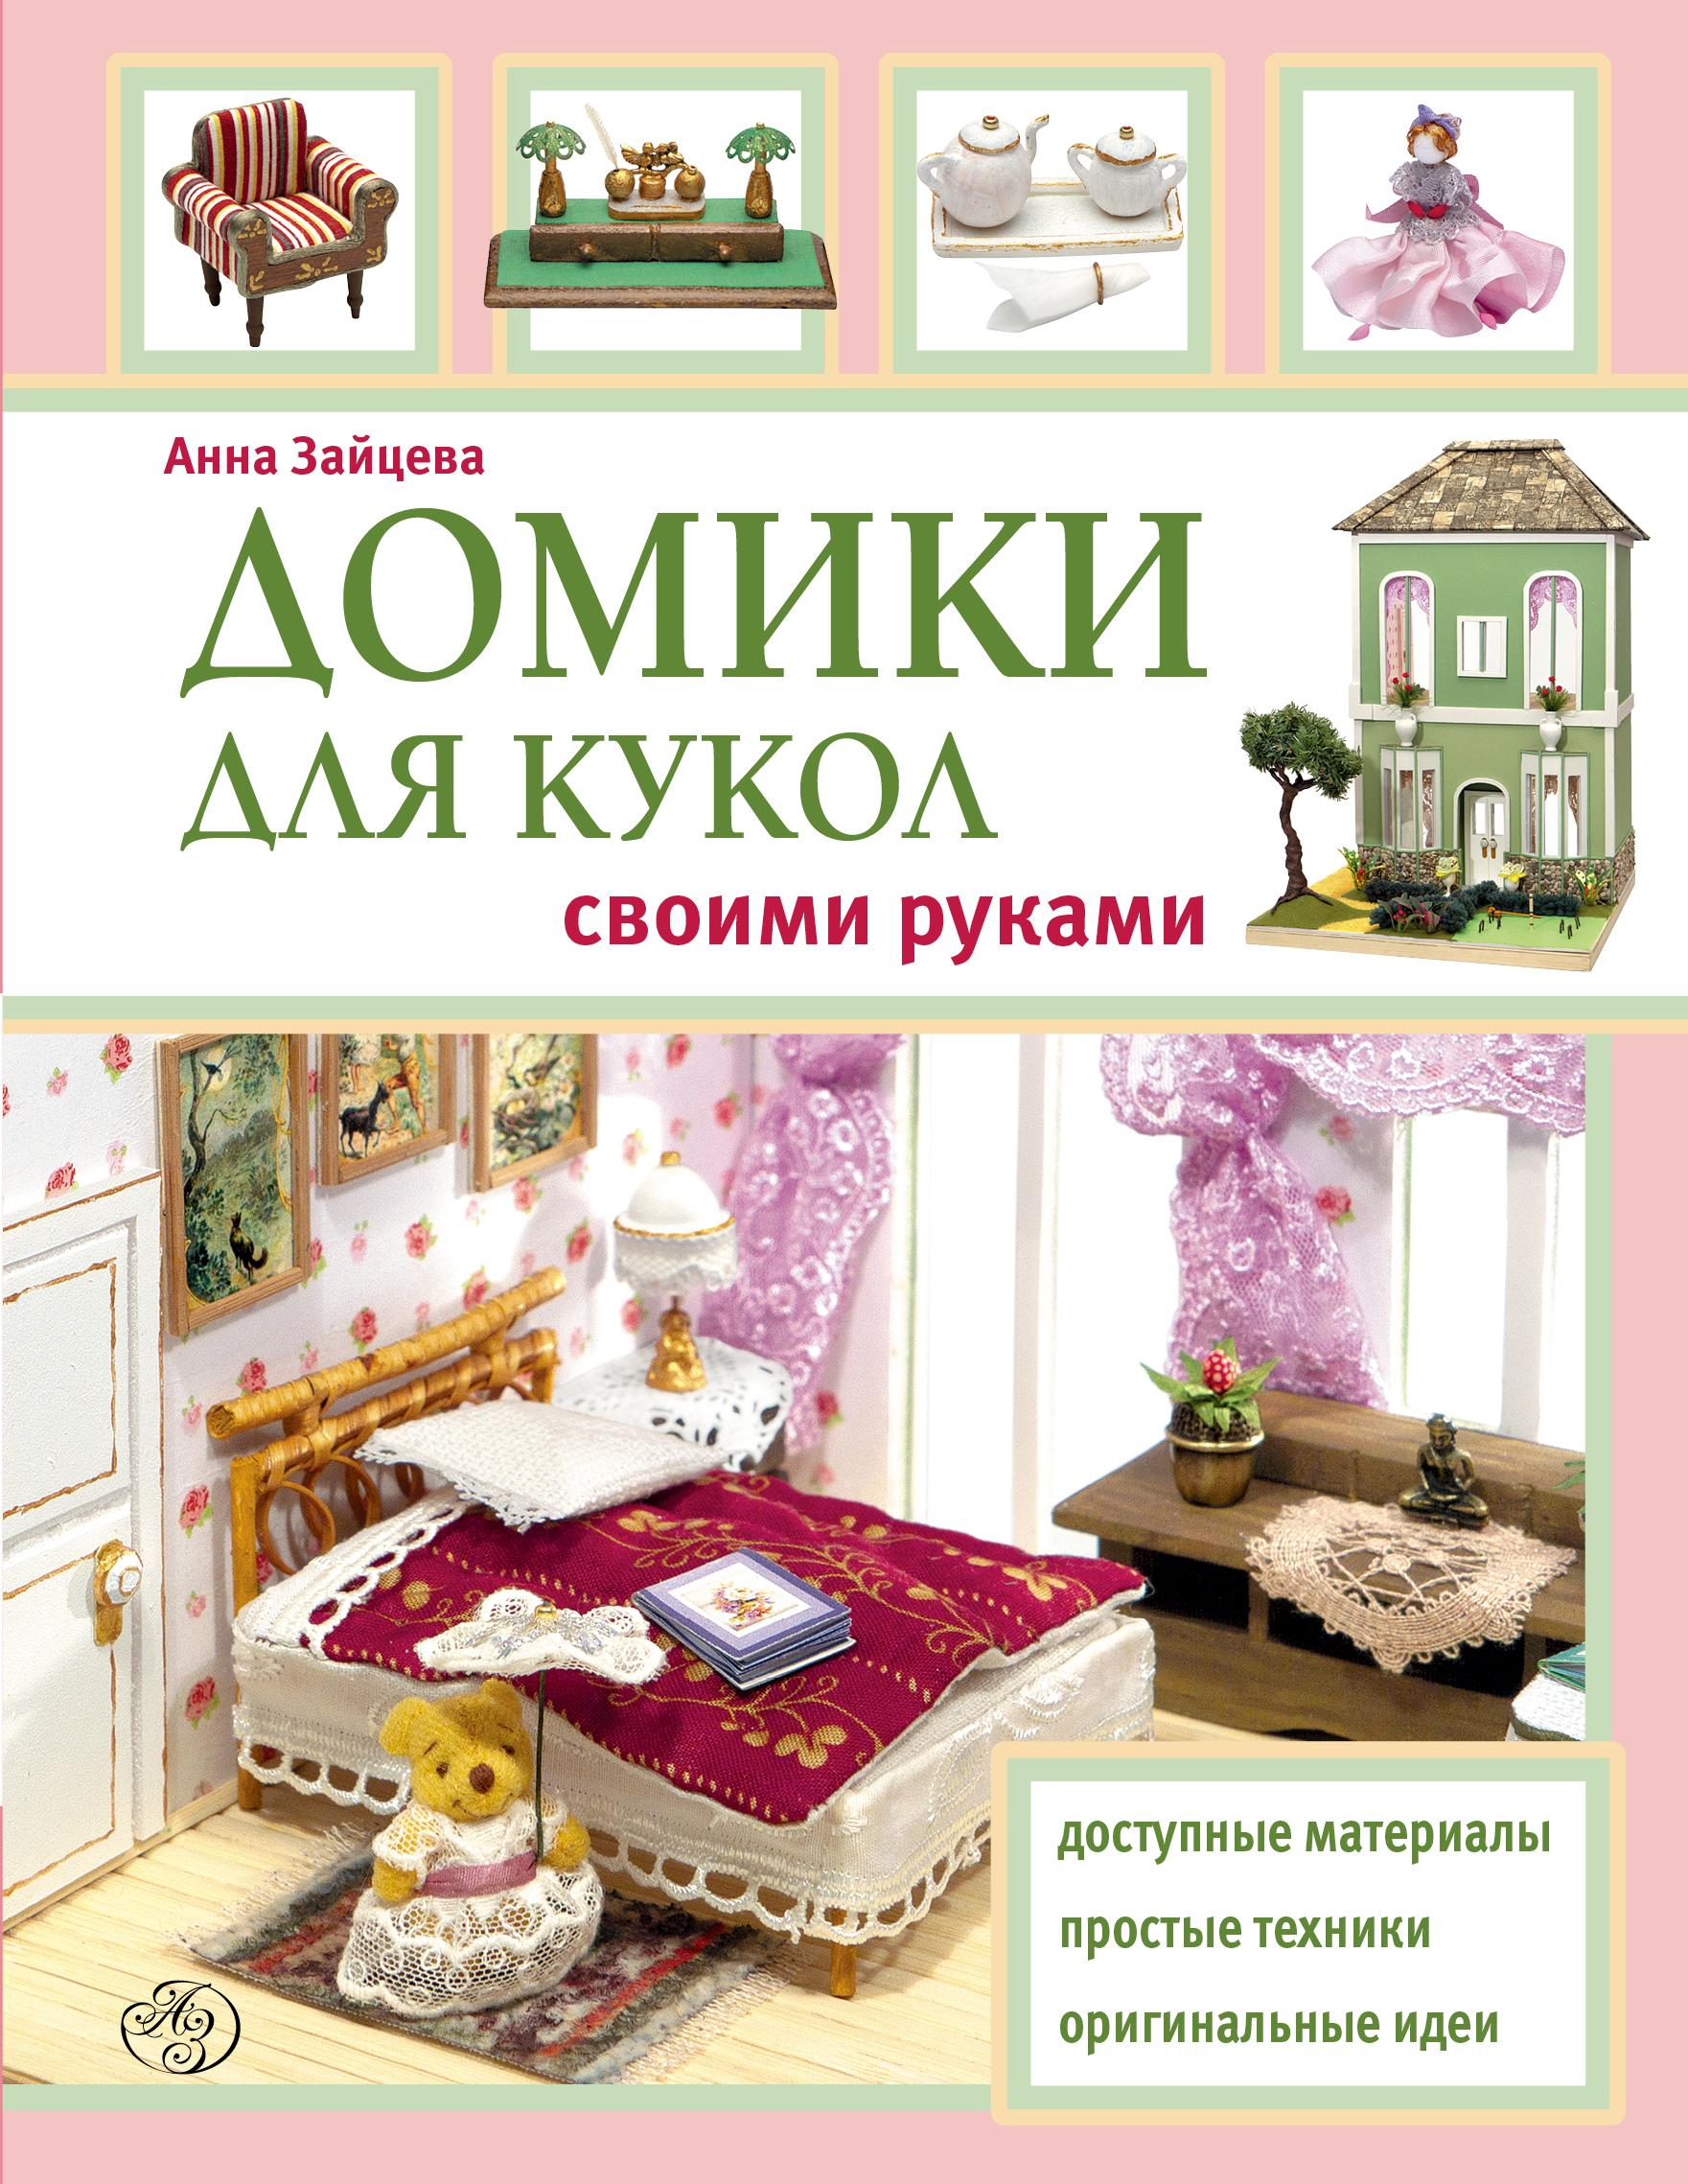 Домики для кукол своими руками ( Анна Зайцева  )